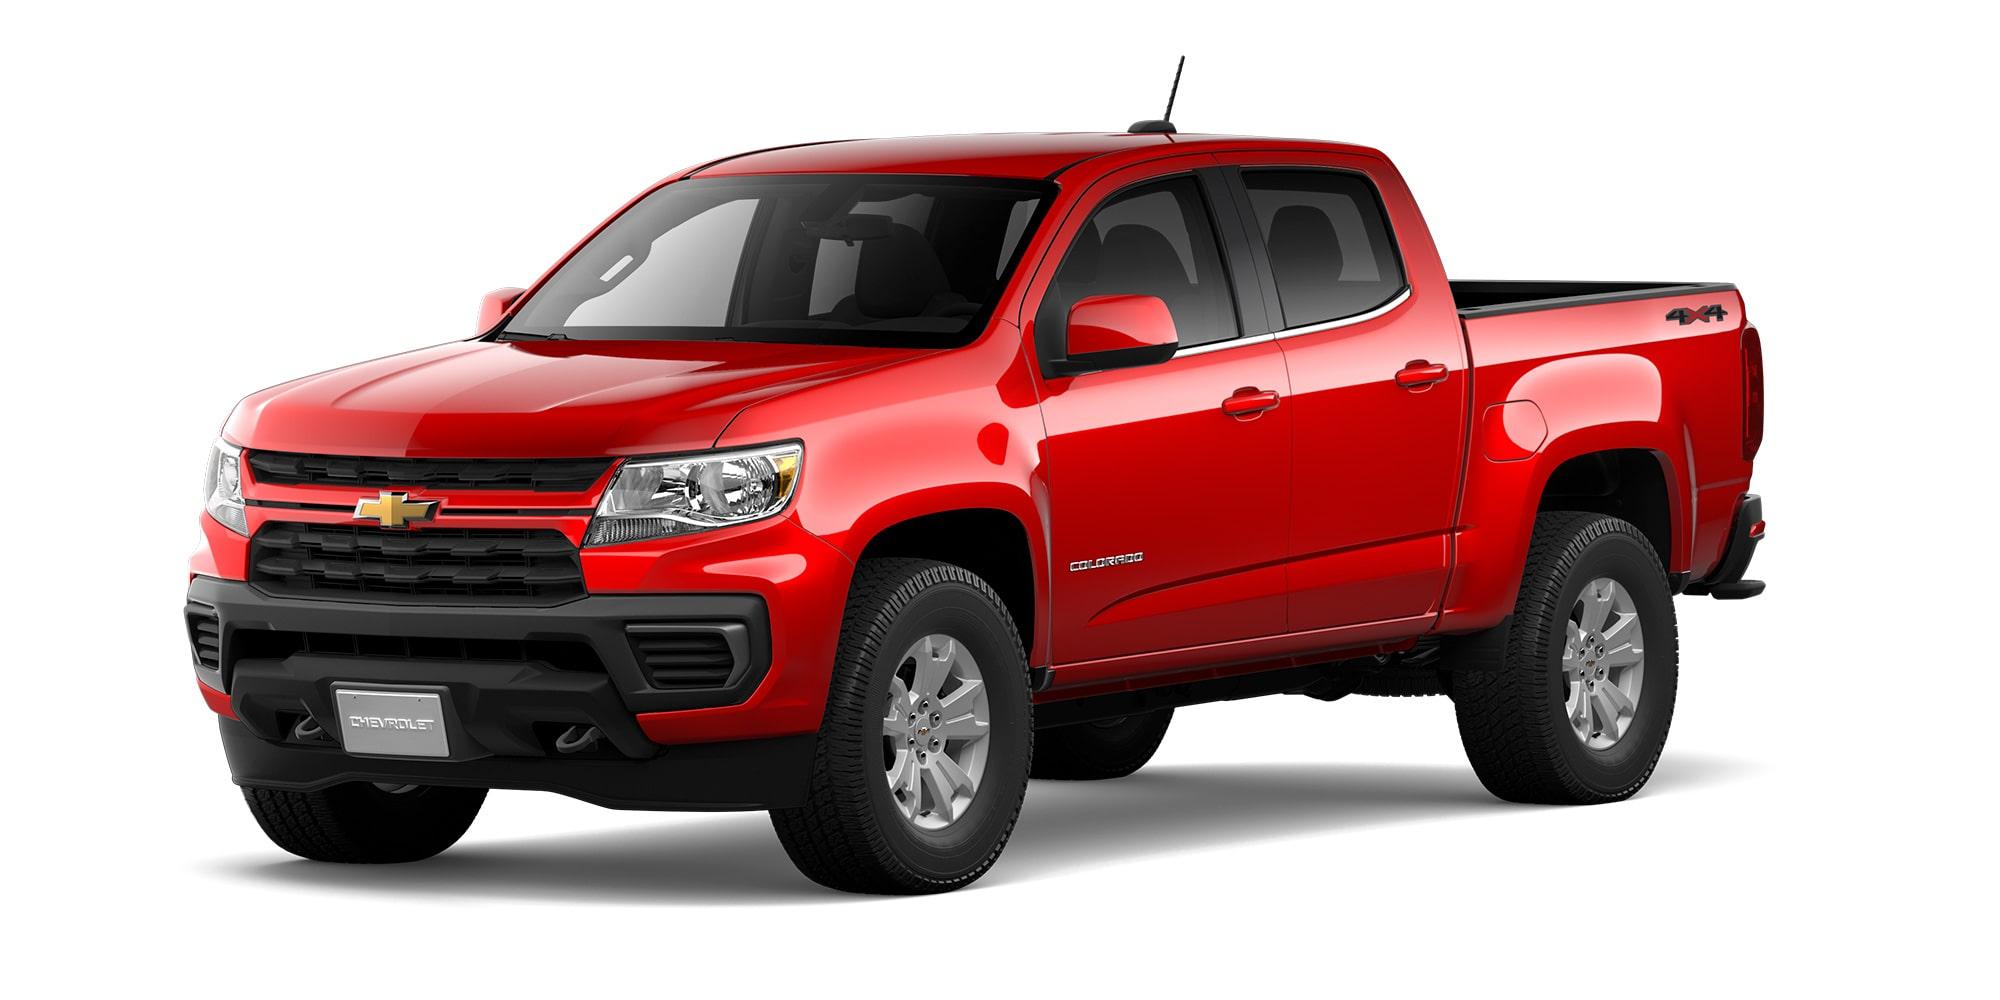 Nueva Chevrolet Colorado 2021 en color Rojo Rubí Versión Versión LT 4x4